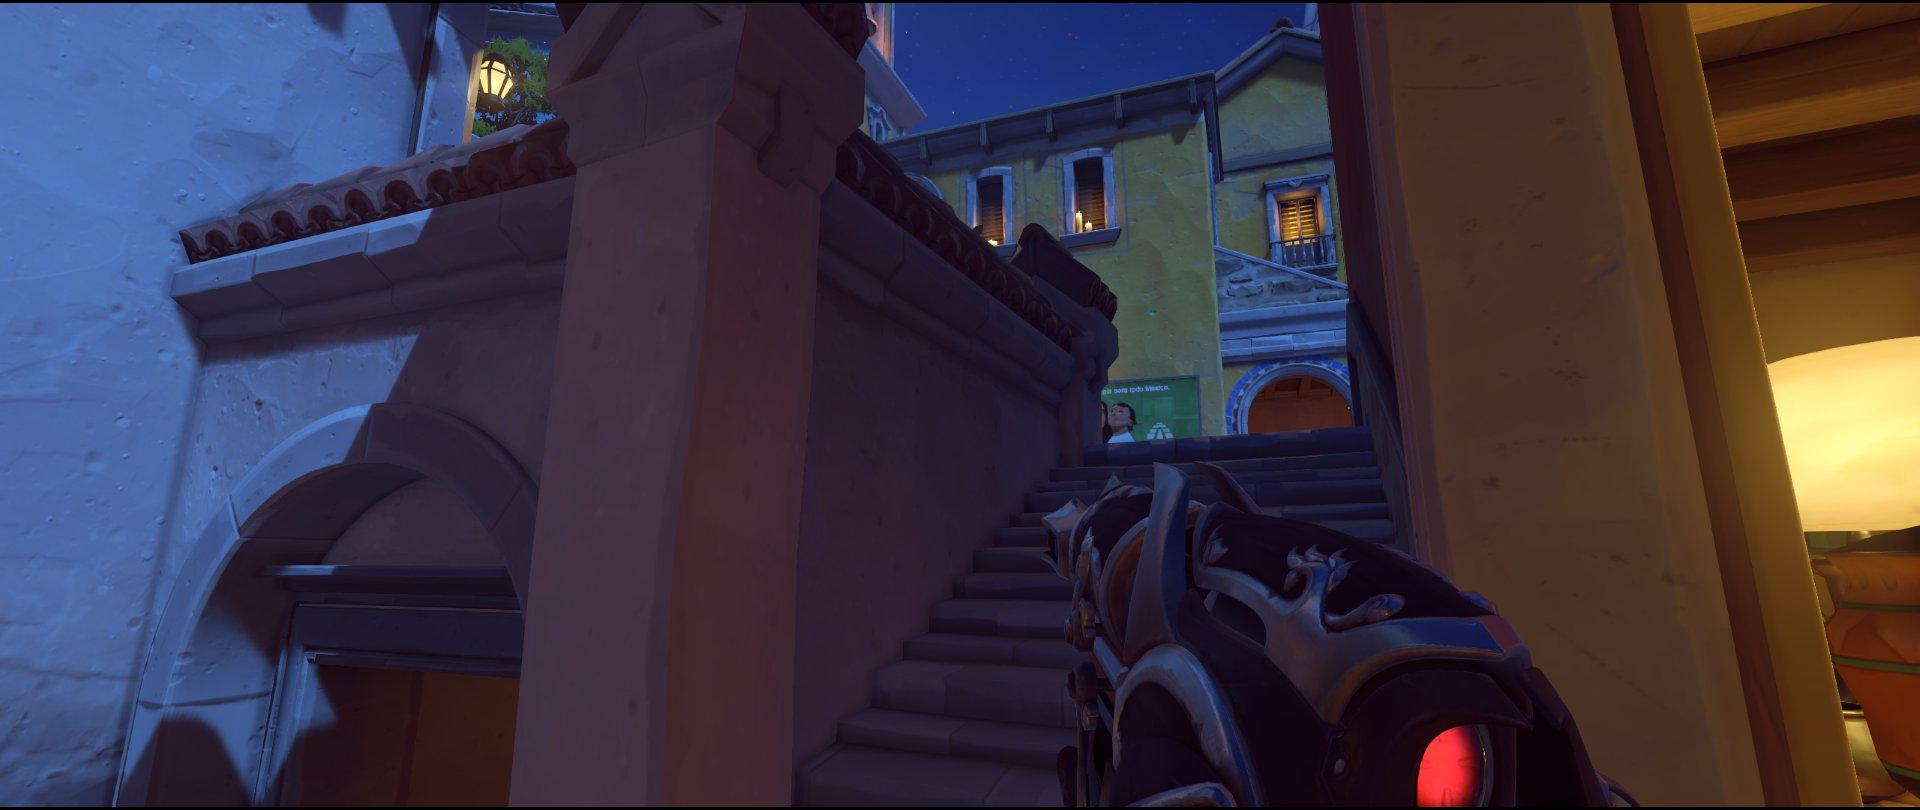 Stairs attack sniping spot Widowmaker Dorado.jpg